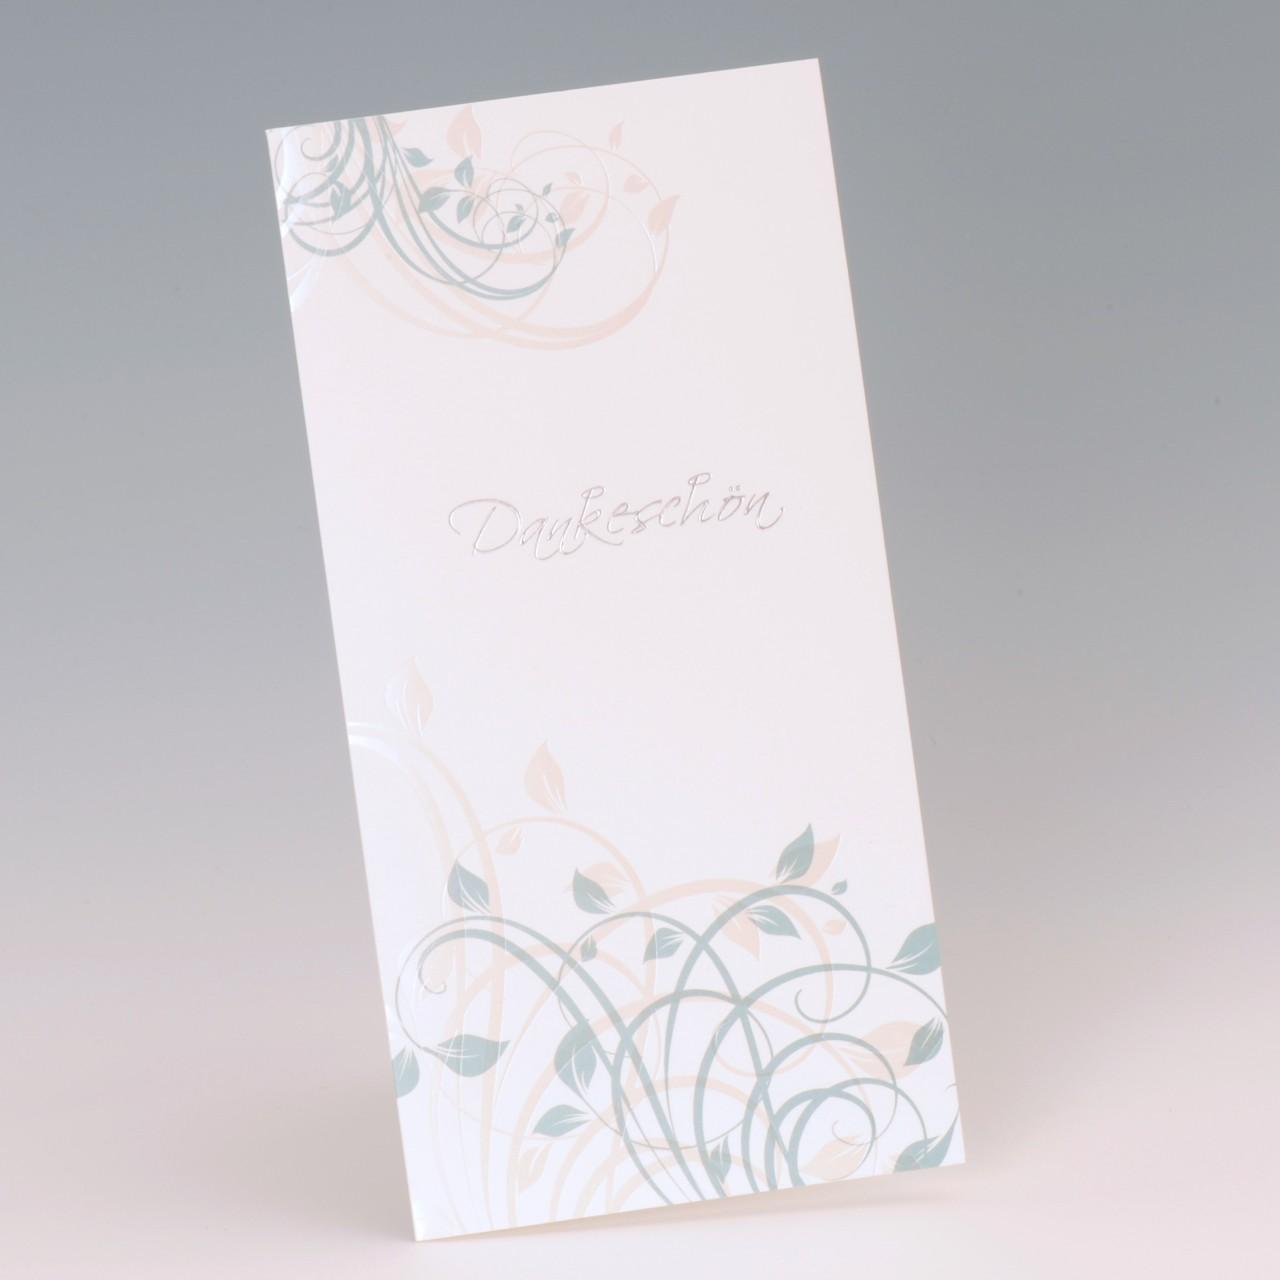 Dankkarte - D 0934